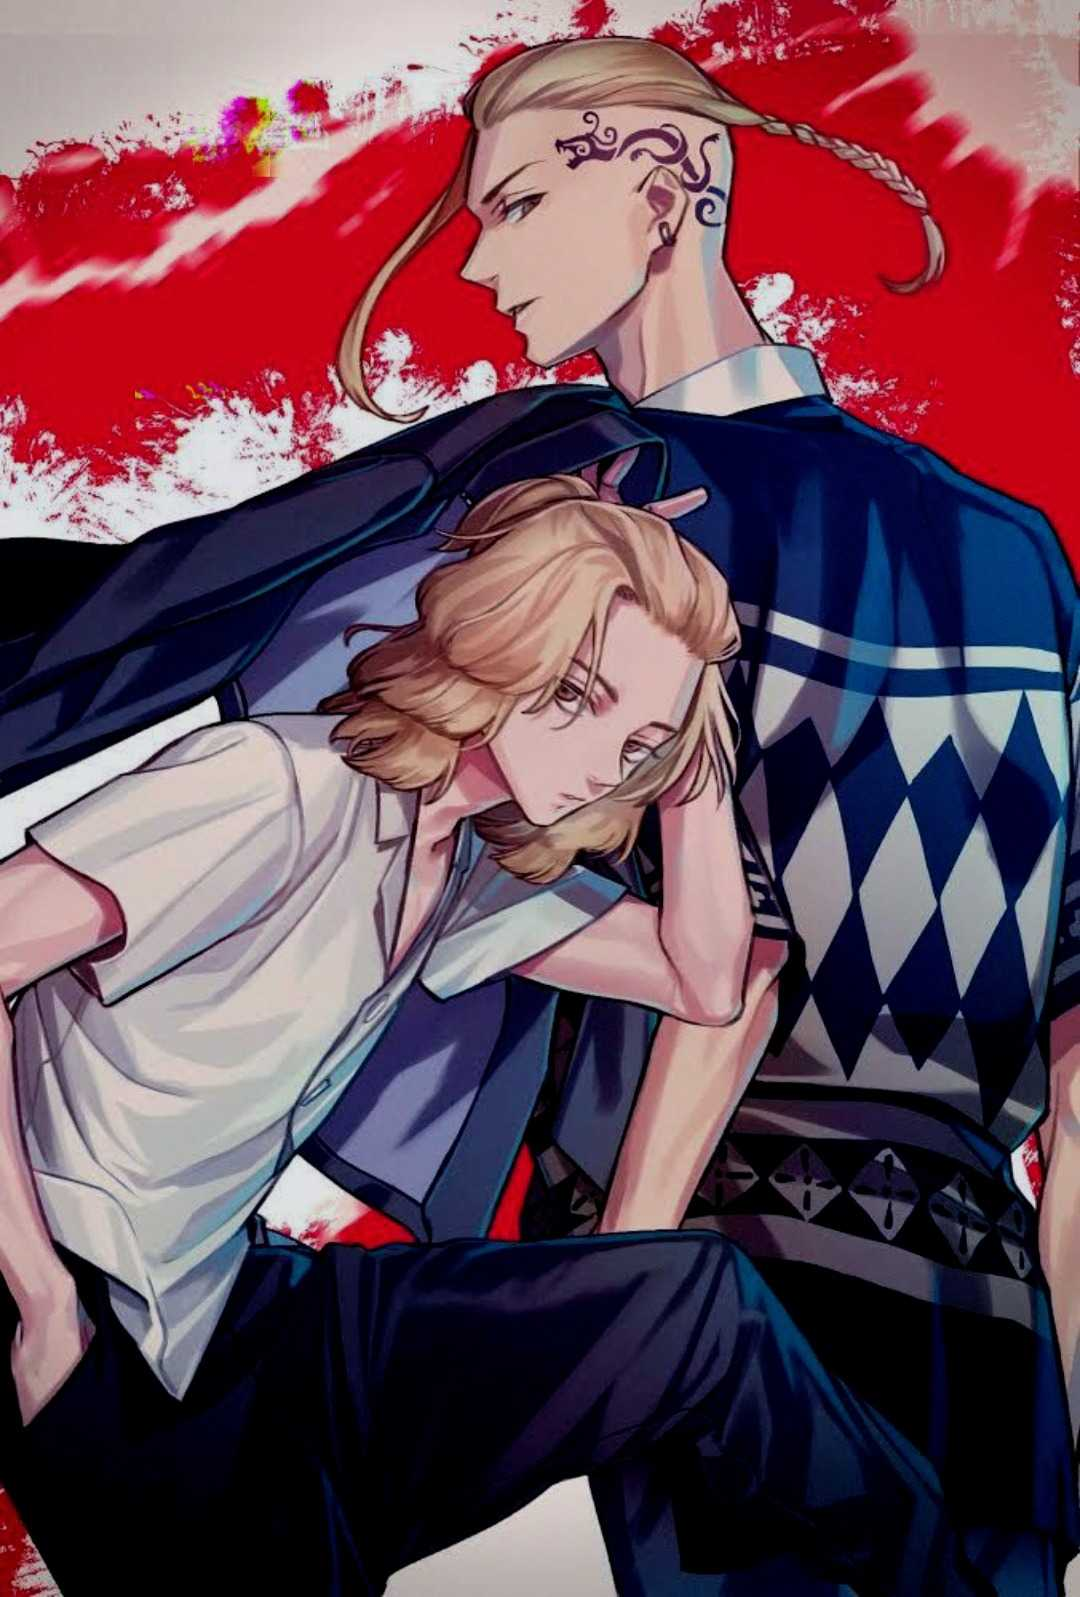 Wallpaper Anime 3d Tokyo Revengers gambar ke 19